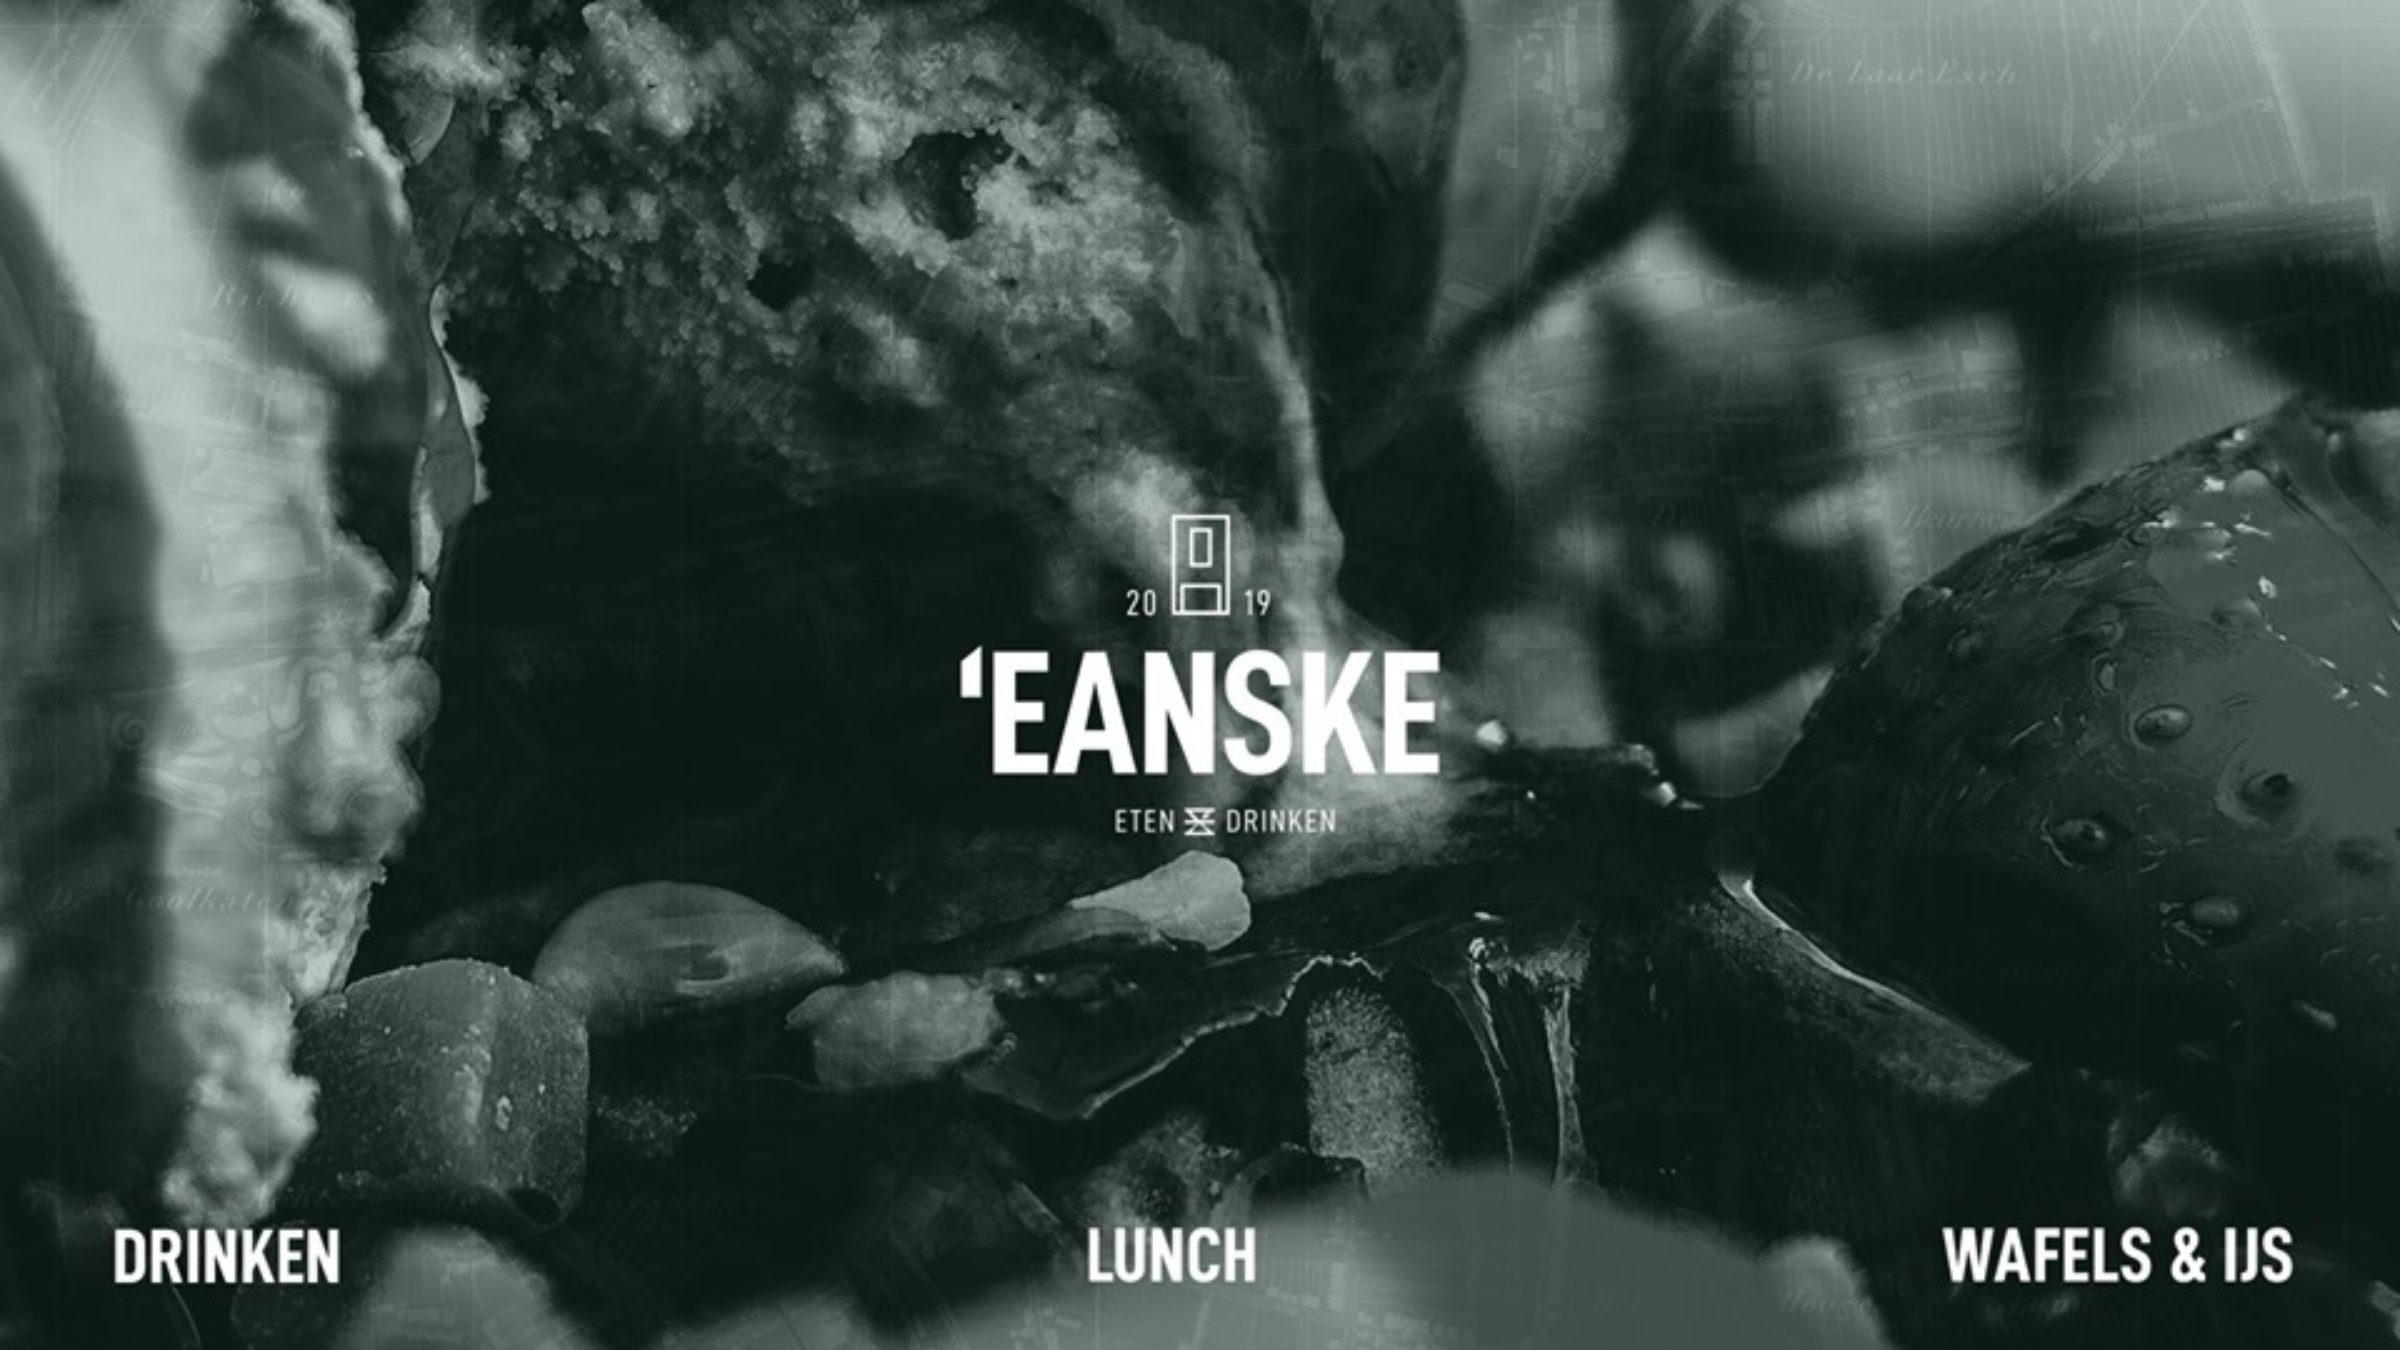 Eanske2019